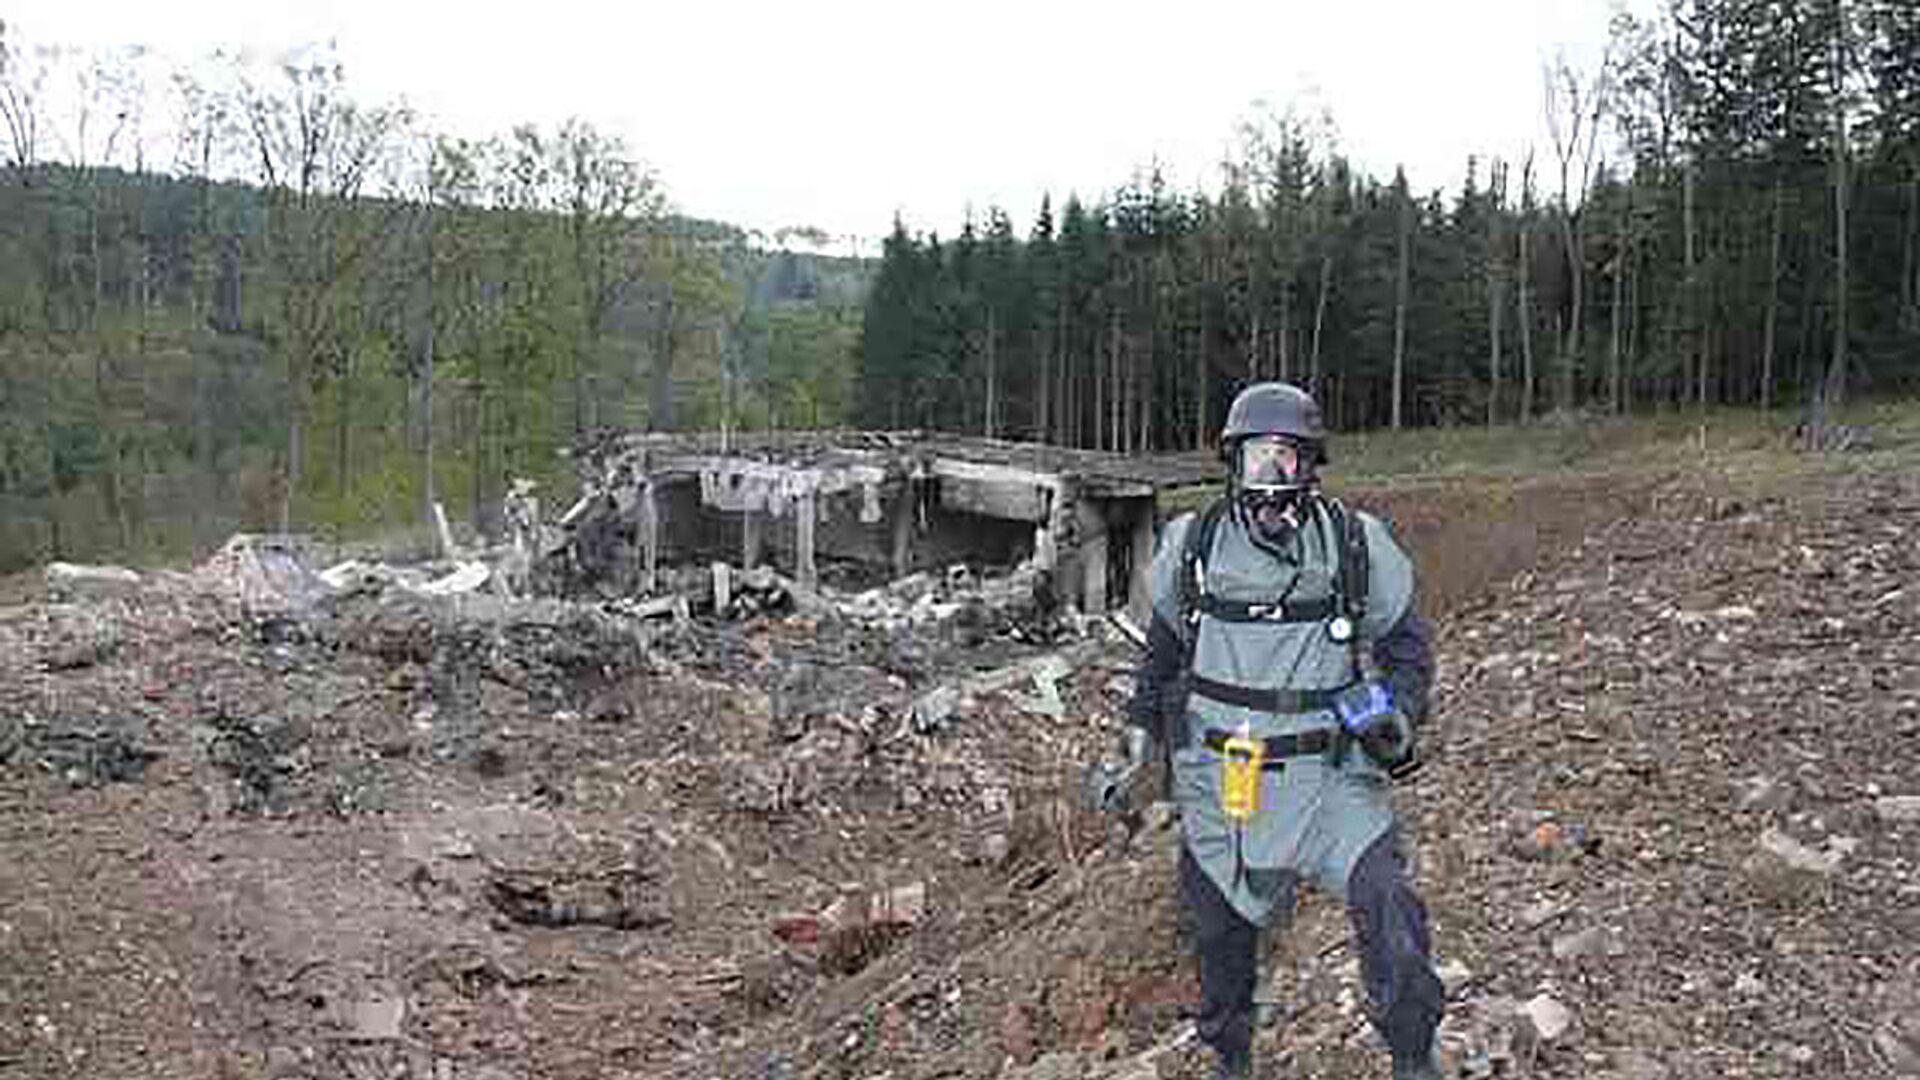 Výbuch ve skladu munice ve Vrběticích - Sputnik Česká republika, 1920, 01.05.2021